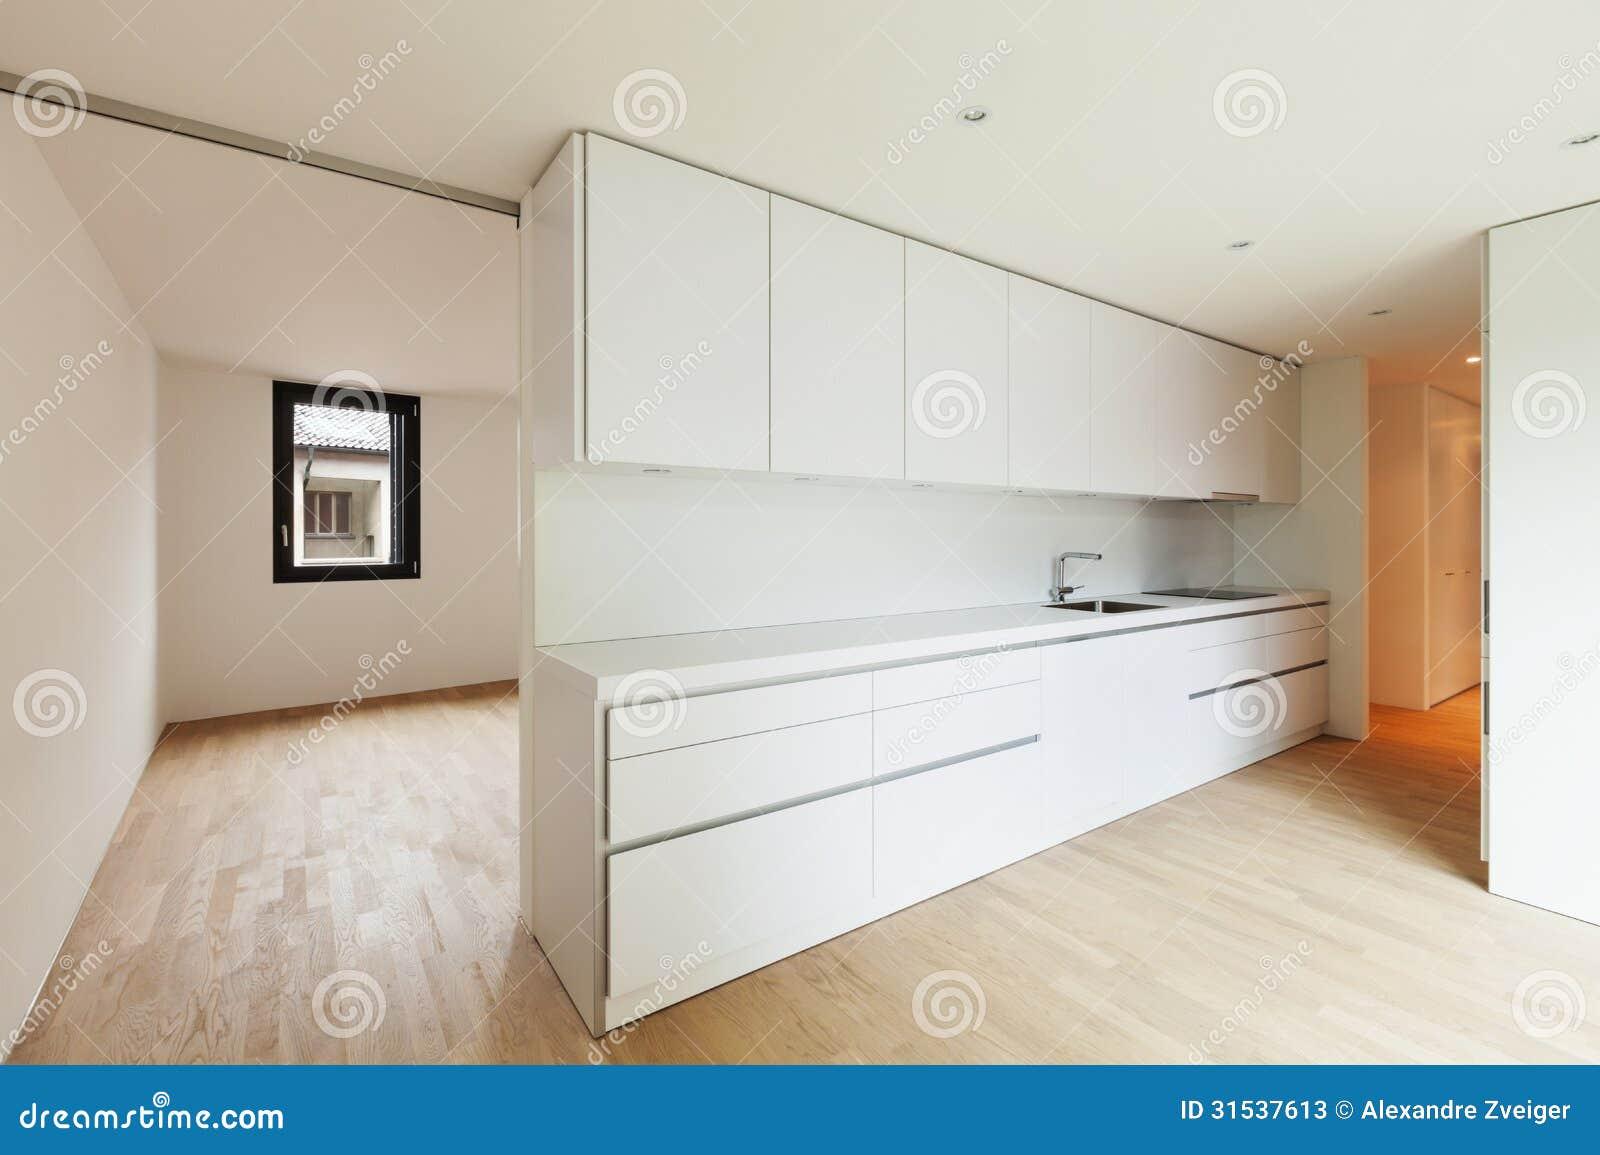 Cucina bianca moderna immagine stock immagine di spazio 31537613 - Cucina moderna bianca ...